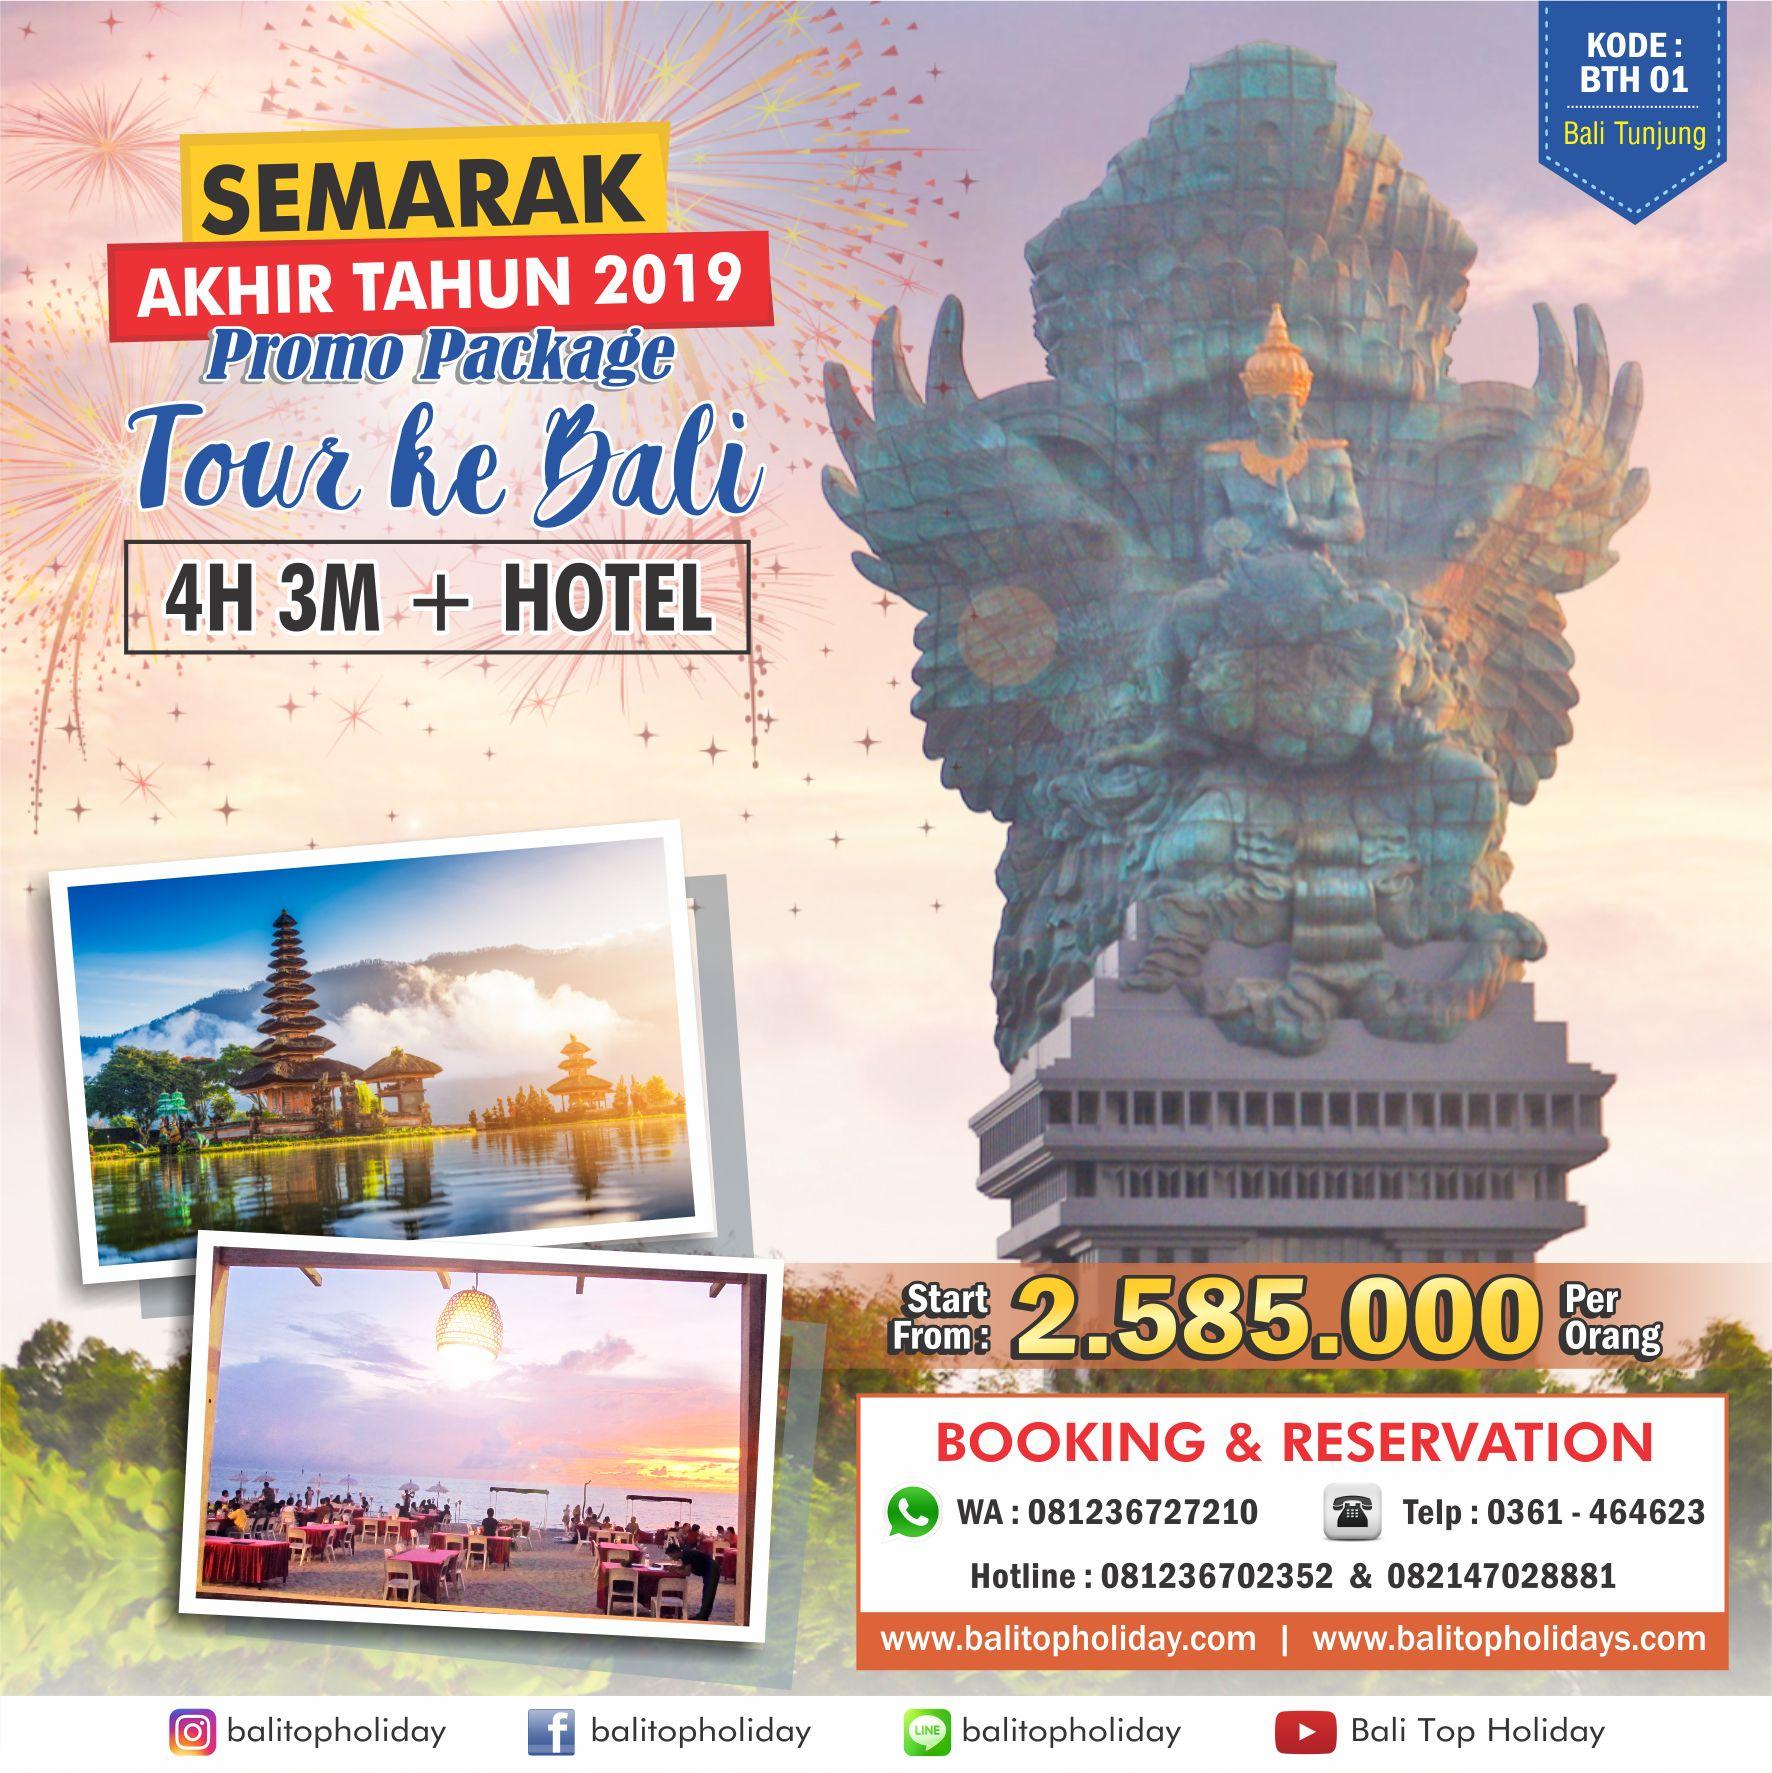 Paket Tour Bali 4H 3M Hotel BTH 01 Akhir tahun 2019